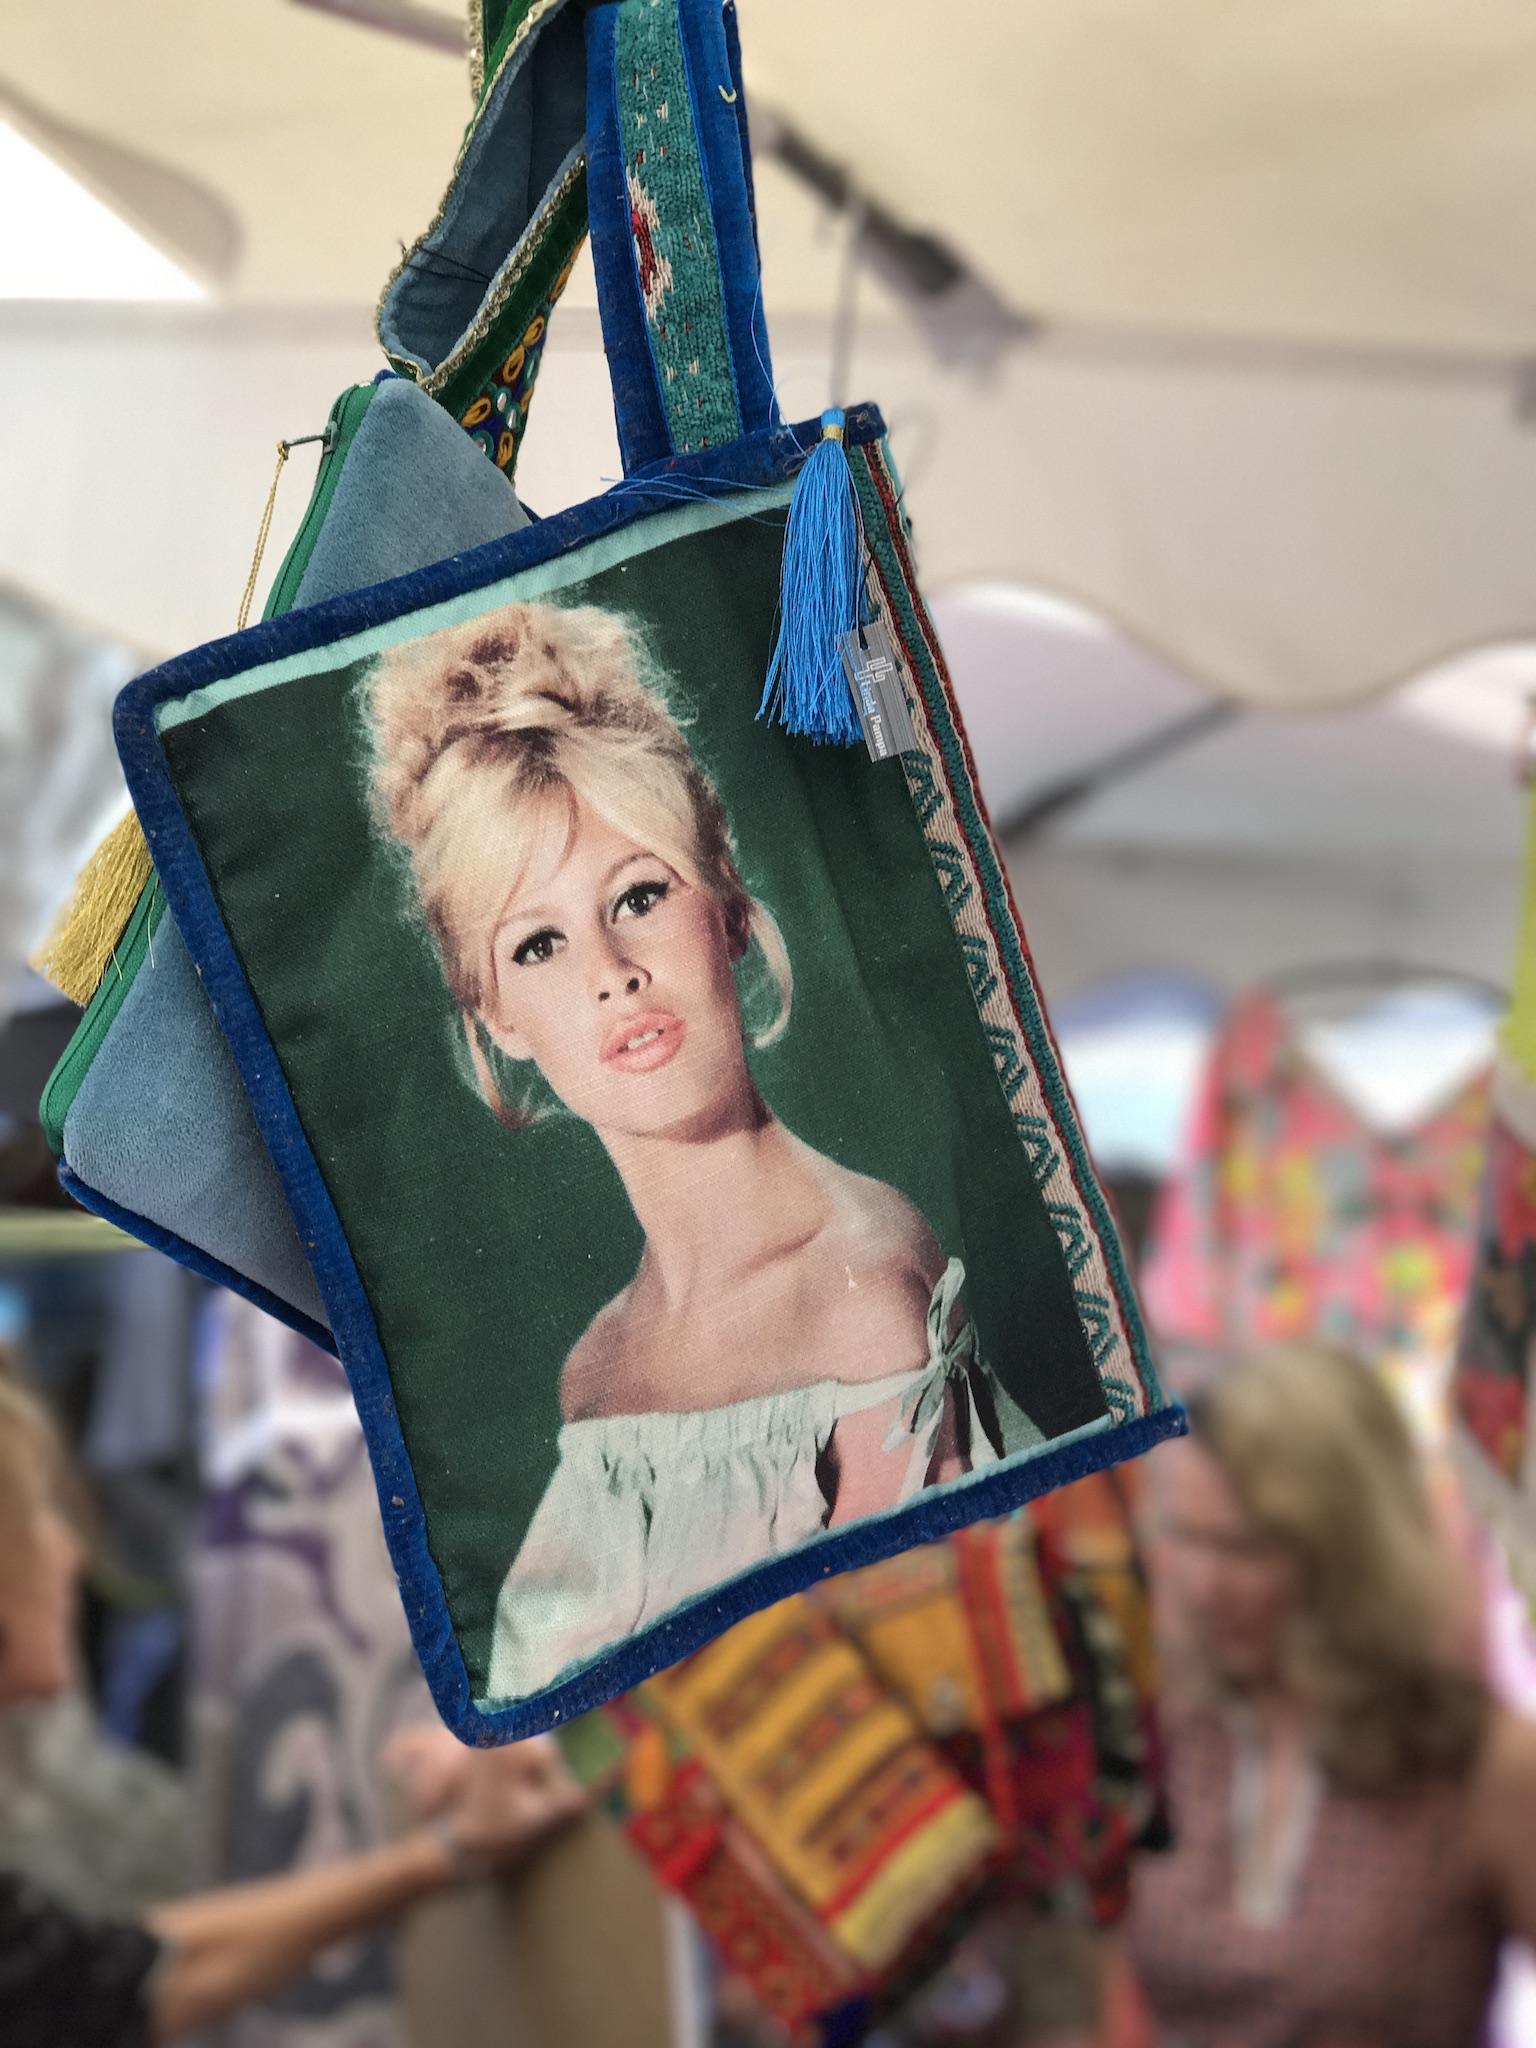 Clutch Samt, Clutch mit Fotobildern in Samt, Clutch Brigitte Bardot, Linda Pampa St. Tropez, Accessoires Trends, Fashion-Blog, Lieblingsstil.com,